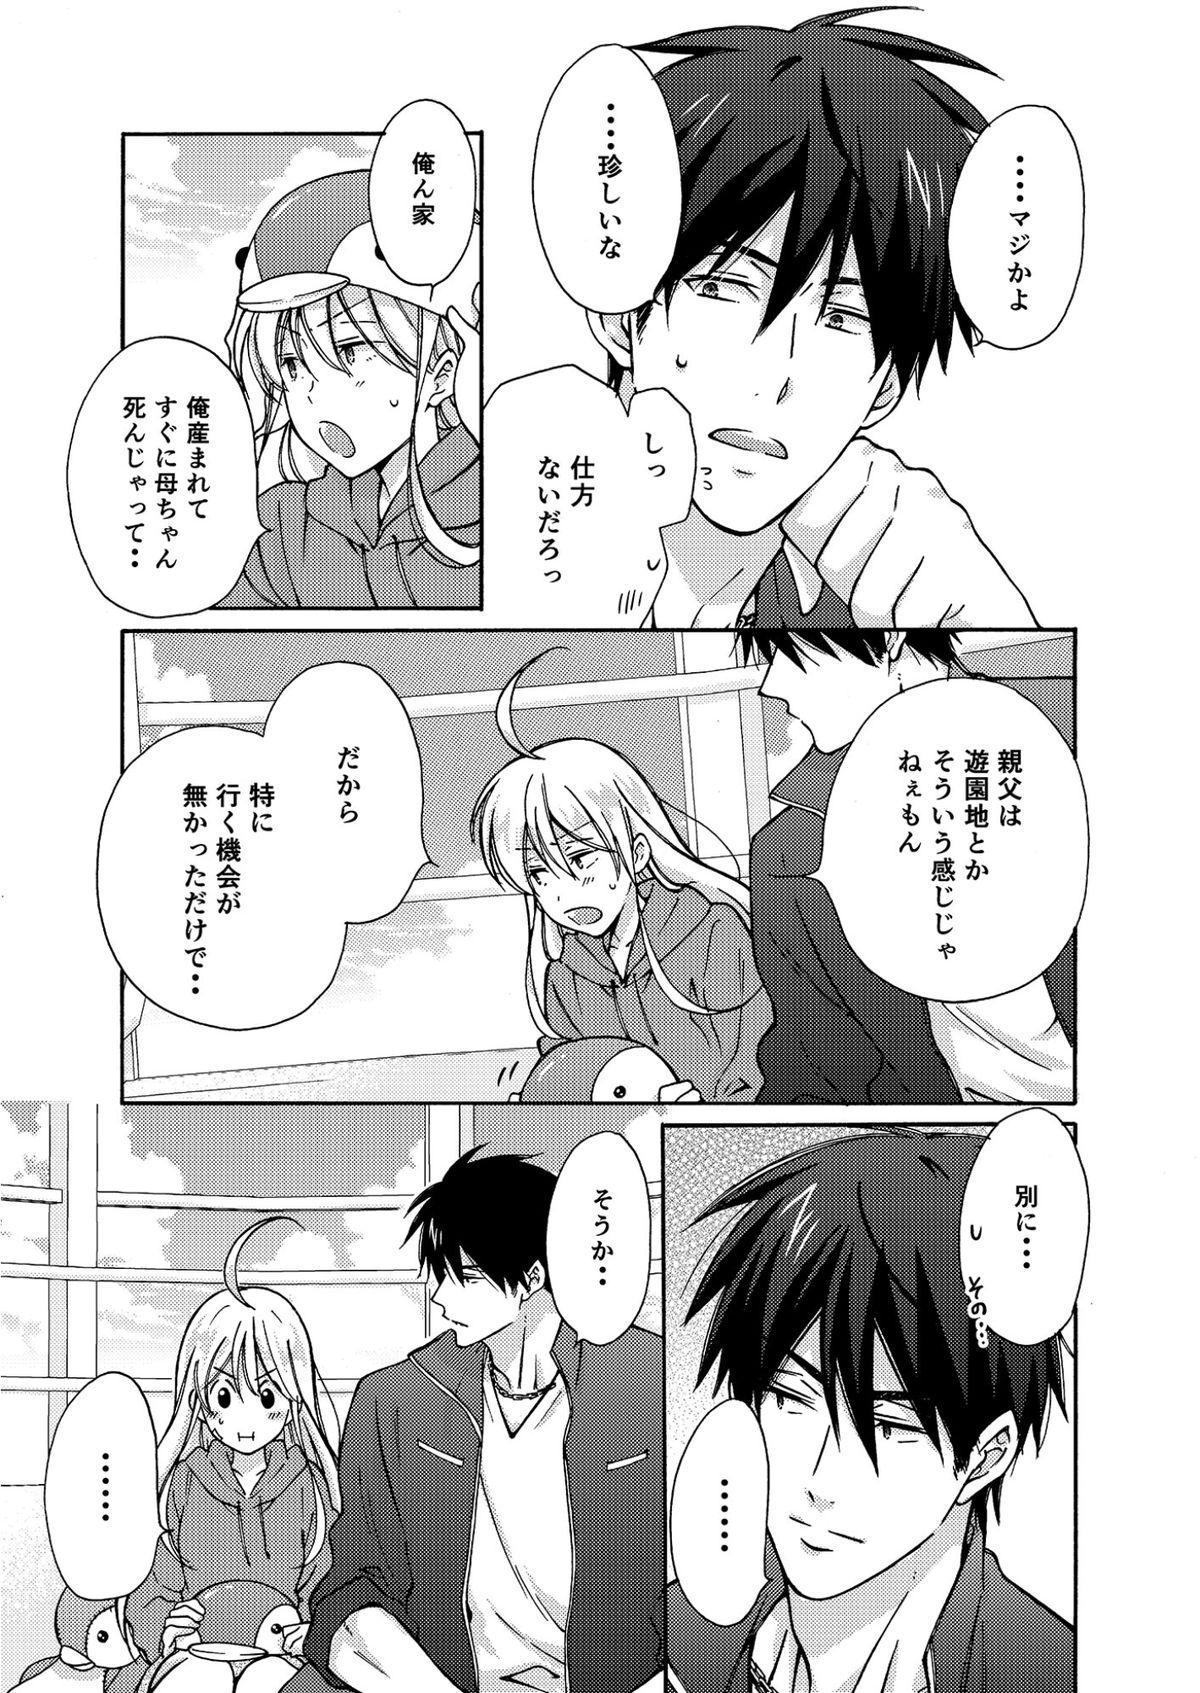 Nyotaika Yankee Gakuen ☆ Ore no Hajimete, Nerawaretemasu. 4 21